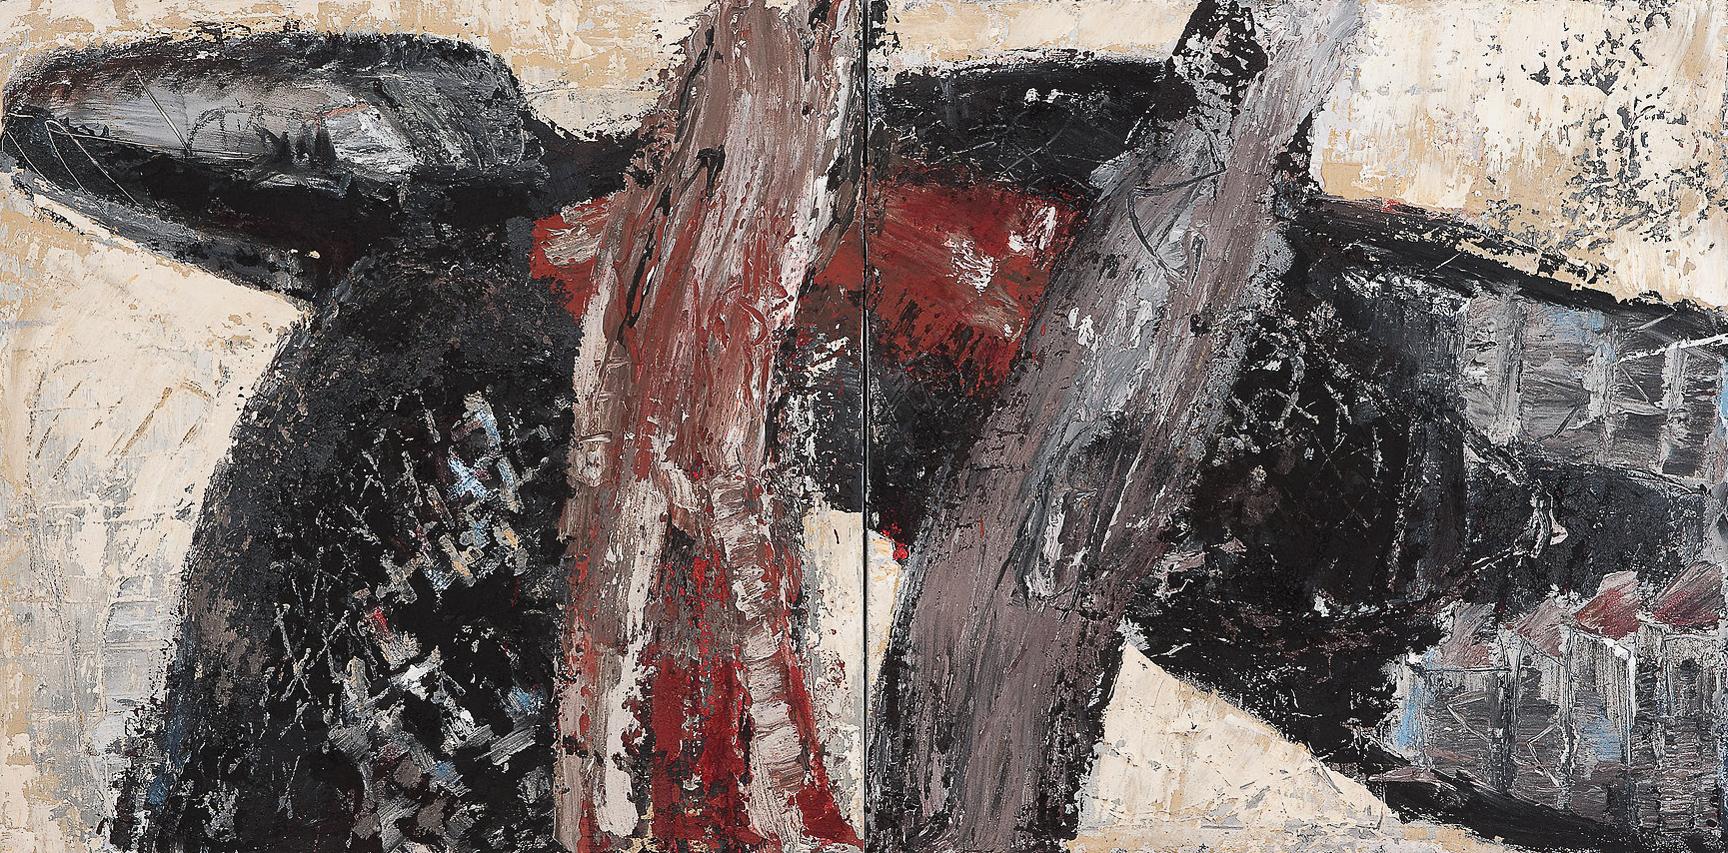 O.T., 2013, Mischtechnik auf Leinwand, 120 x 240 cm